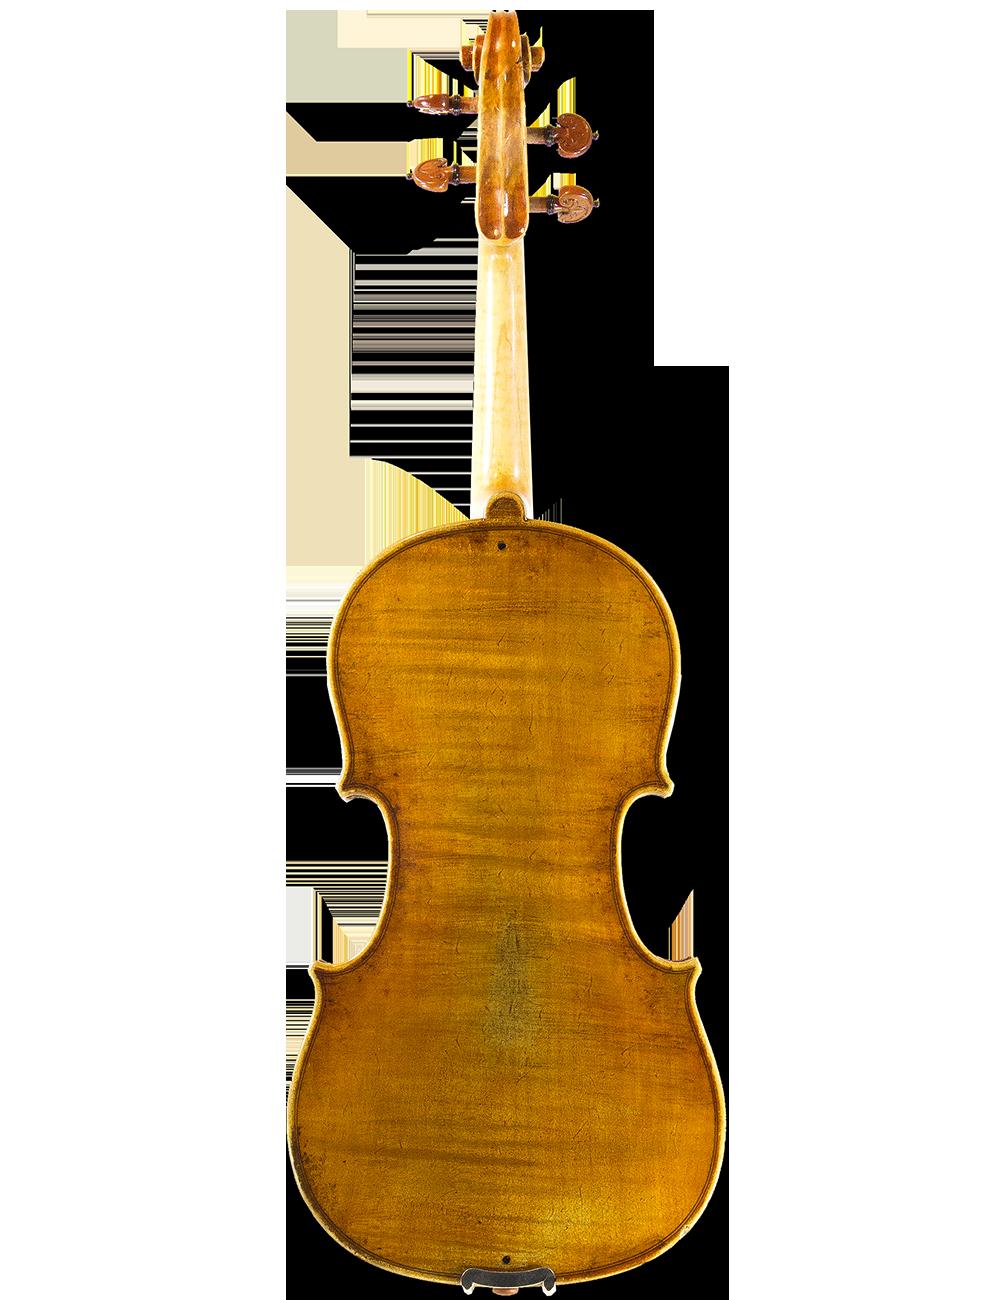 VIOLIN BY GIOVANNI CAVANI, Spilamberto, Fece l'anno 1893